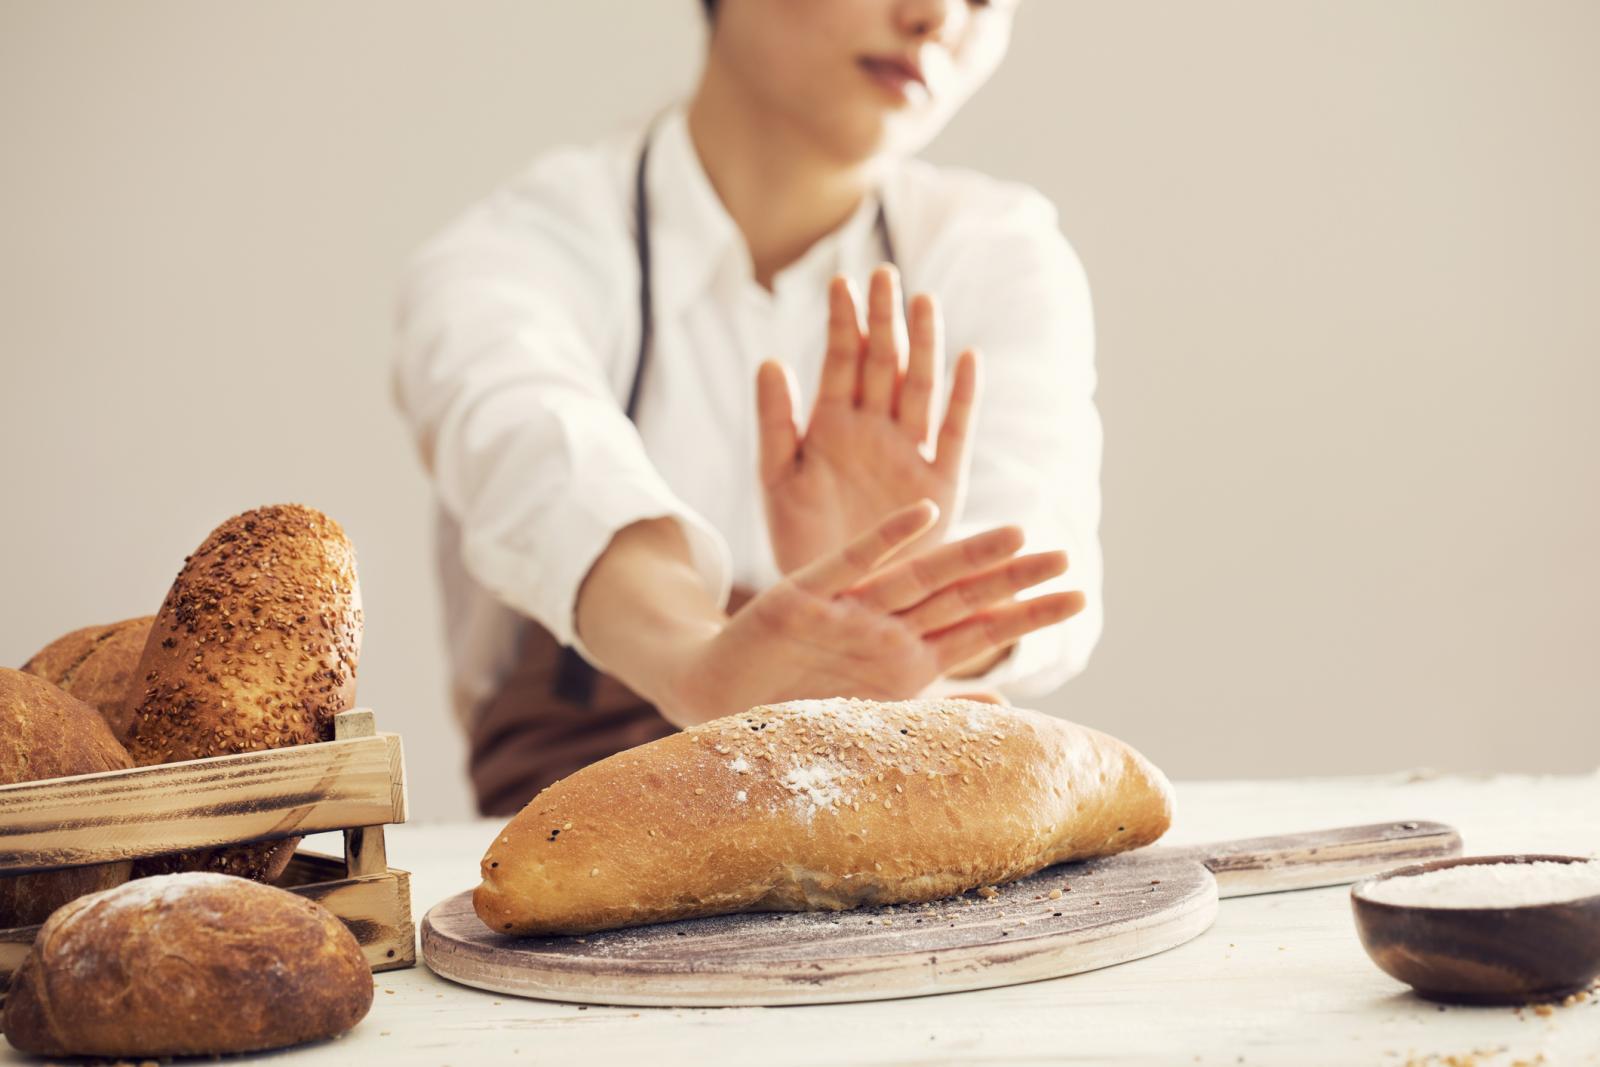 Svijest o bolestima i tegobama koje može izazvati gluten znatno se povećala. Gluten se više ne vezuje isključivo uz celijakiju.